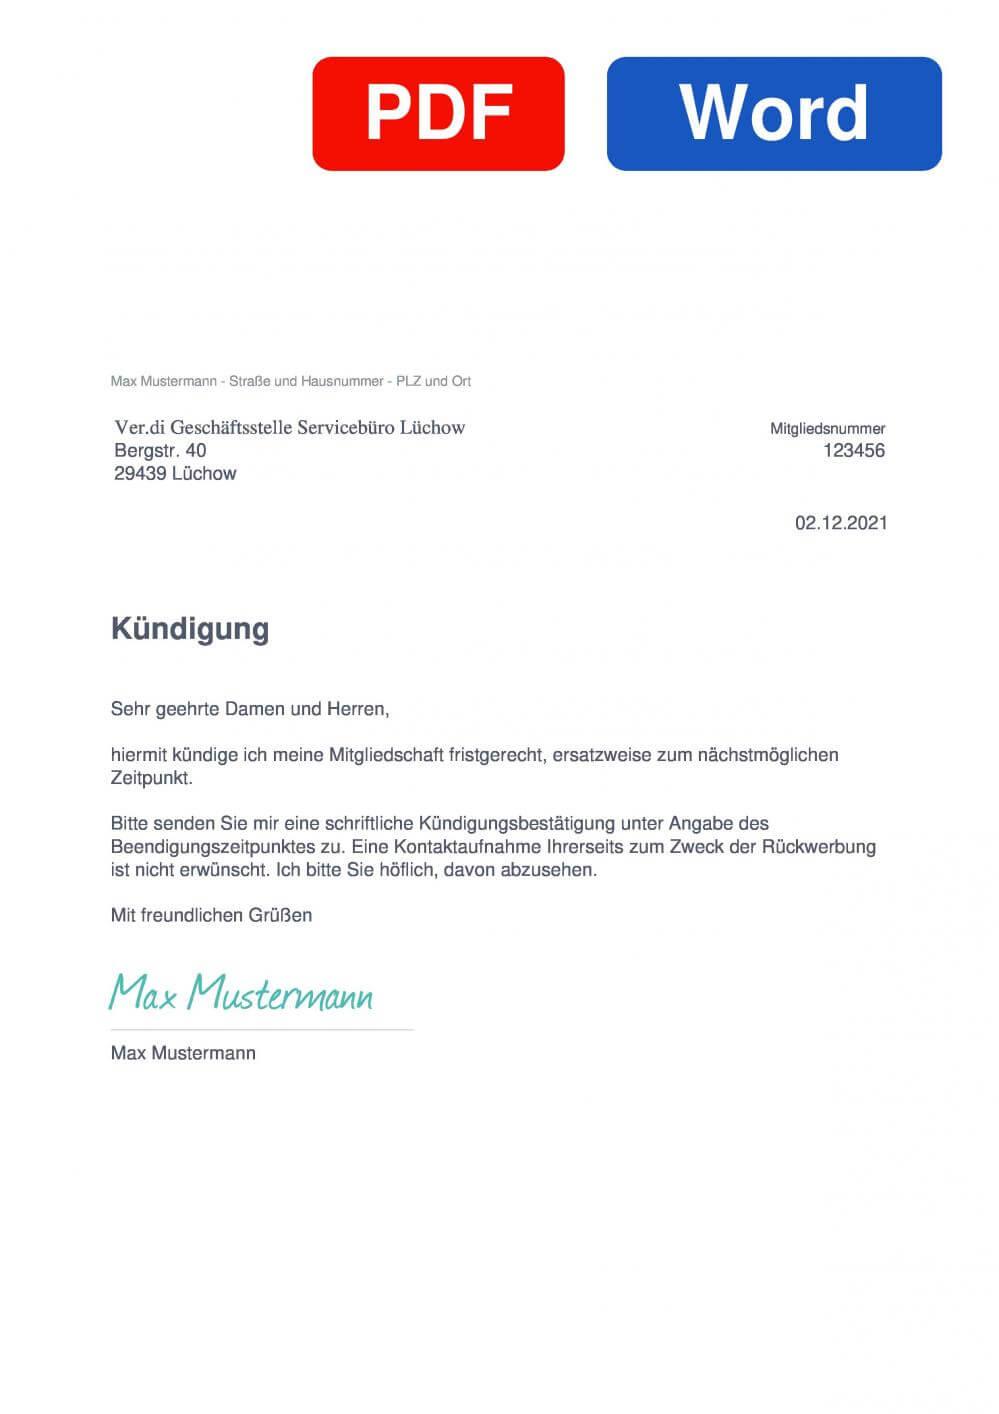 Verdi Servicebüro Lüchow Muster Vorlage für Kündigungsschreiben